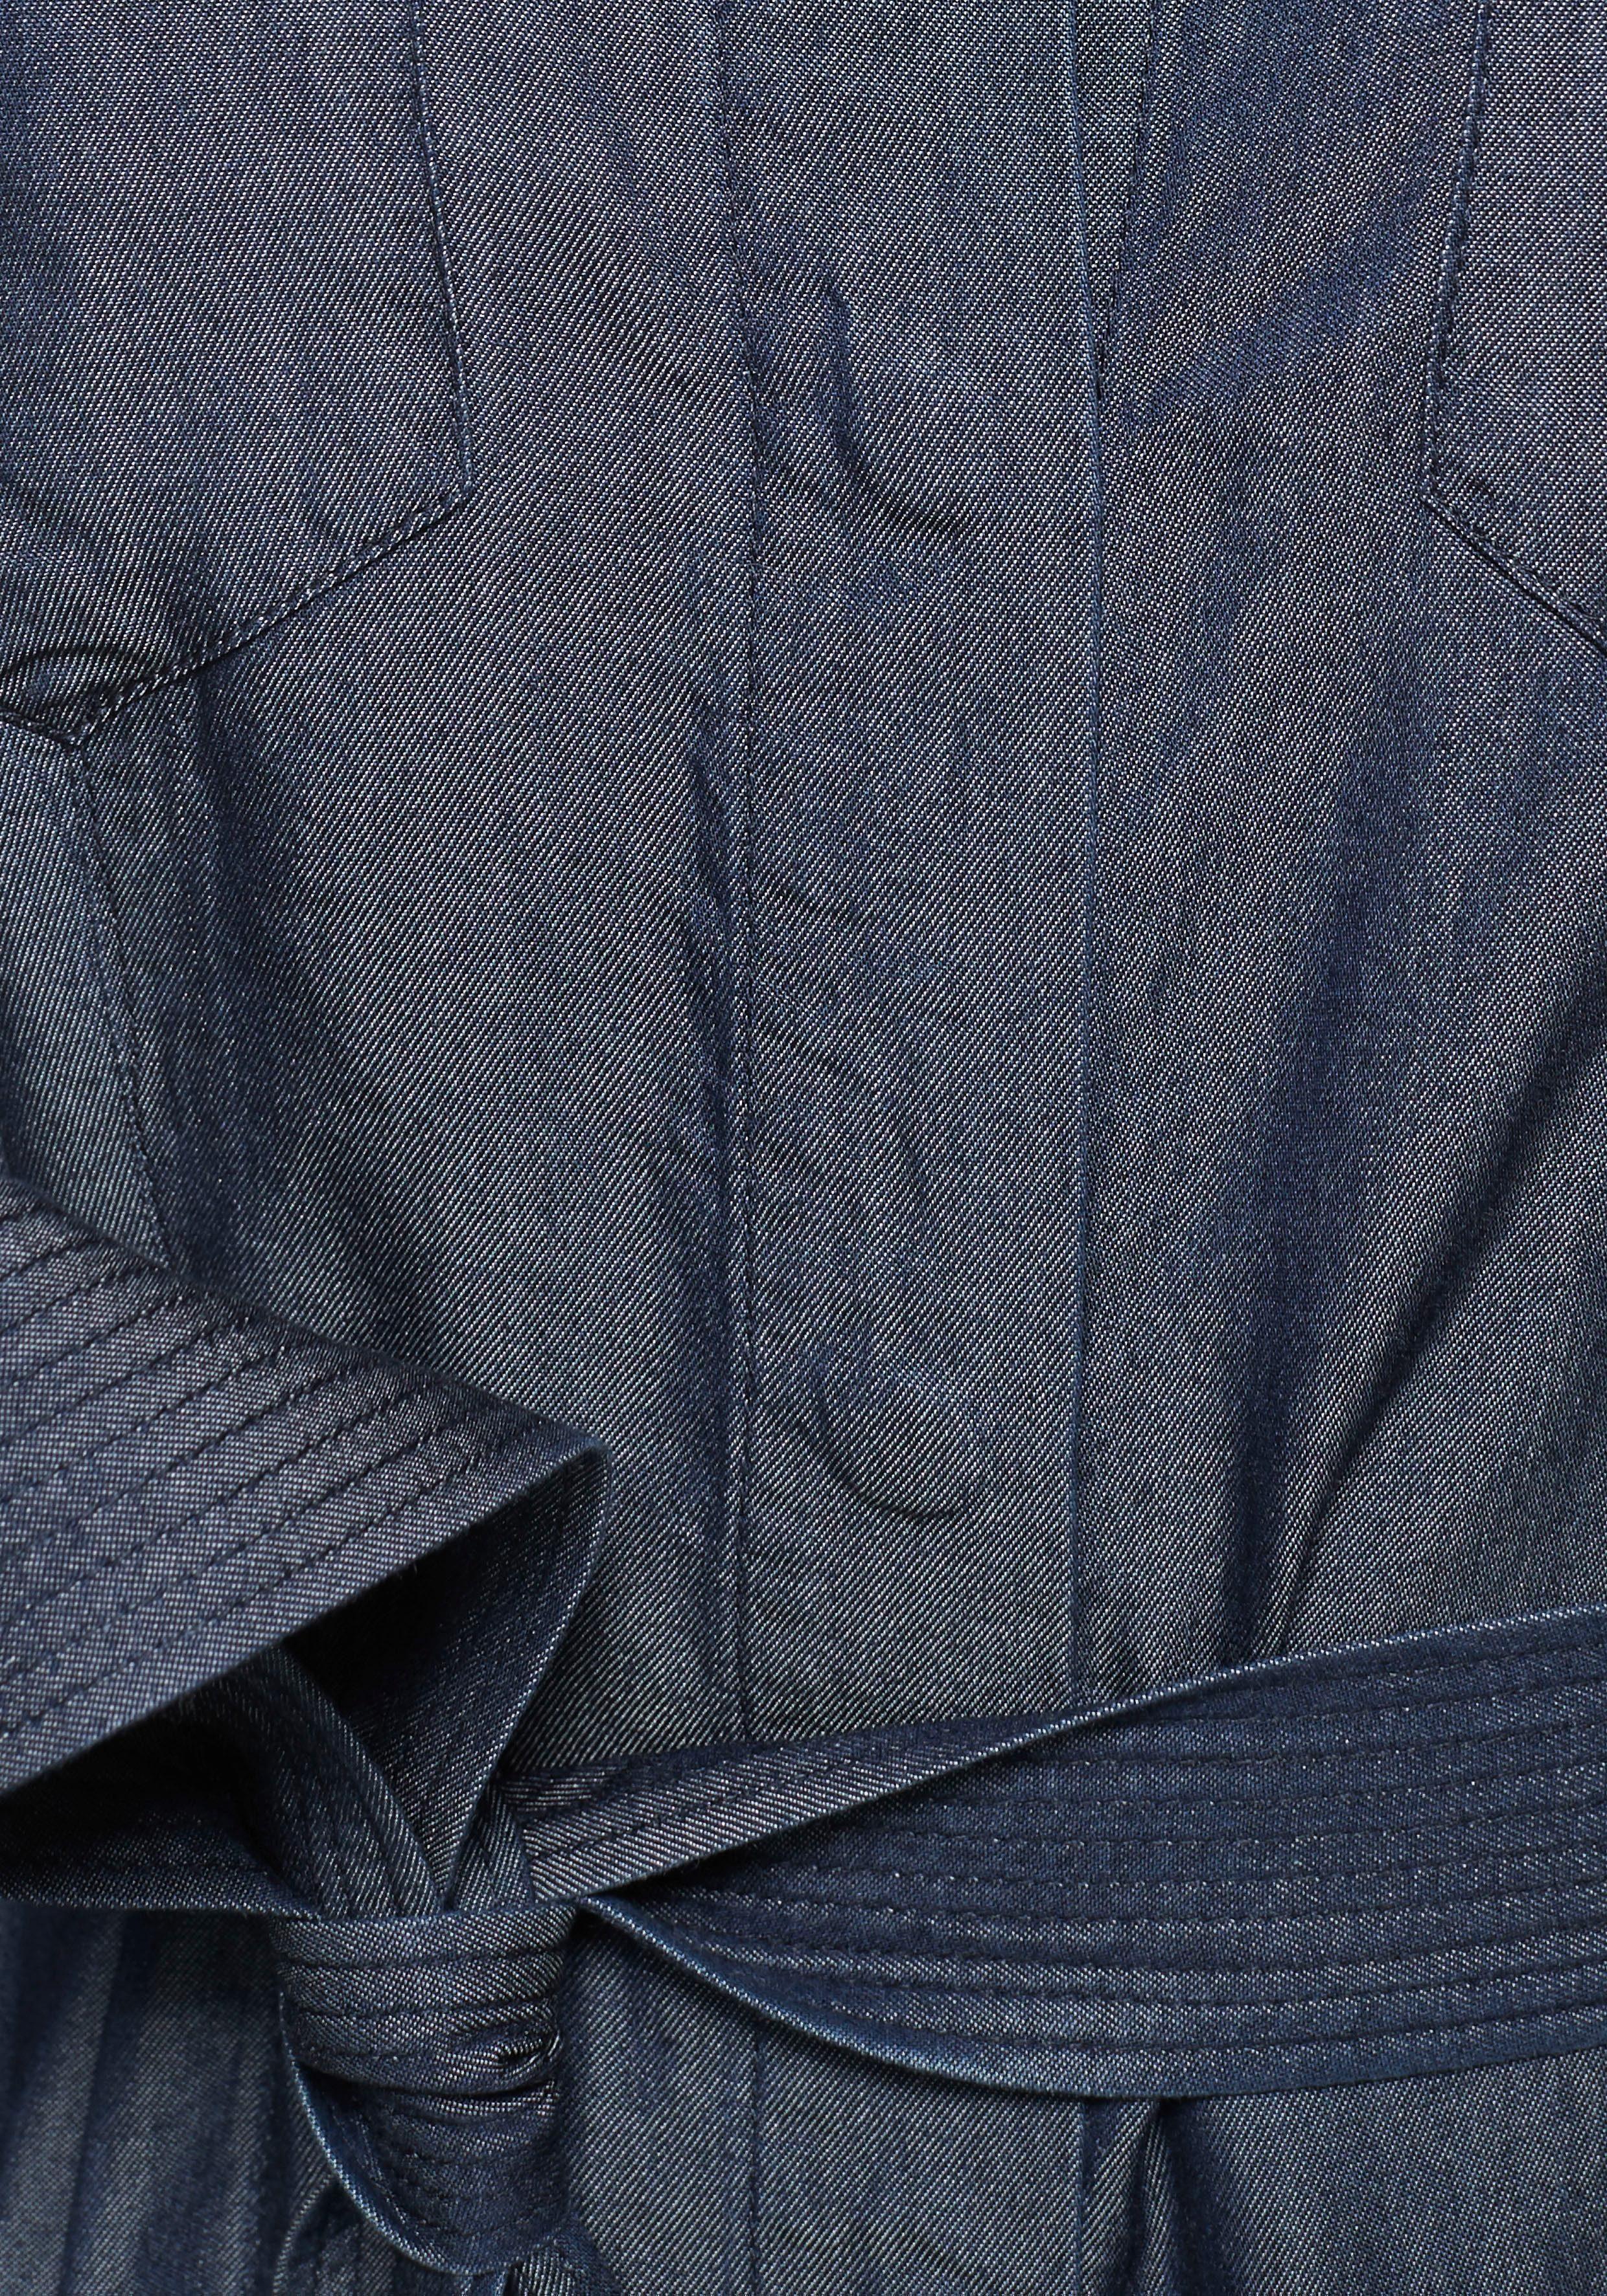 Shirt »tacoma G Online Raw Jeansjurk Kopen Straight Dress« star Nu w8XOPn0k